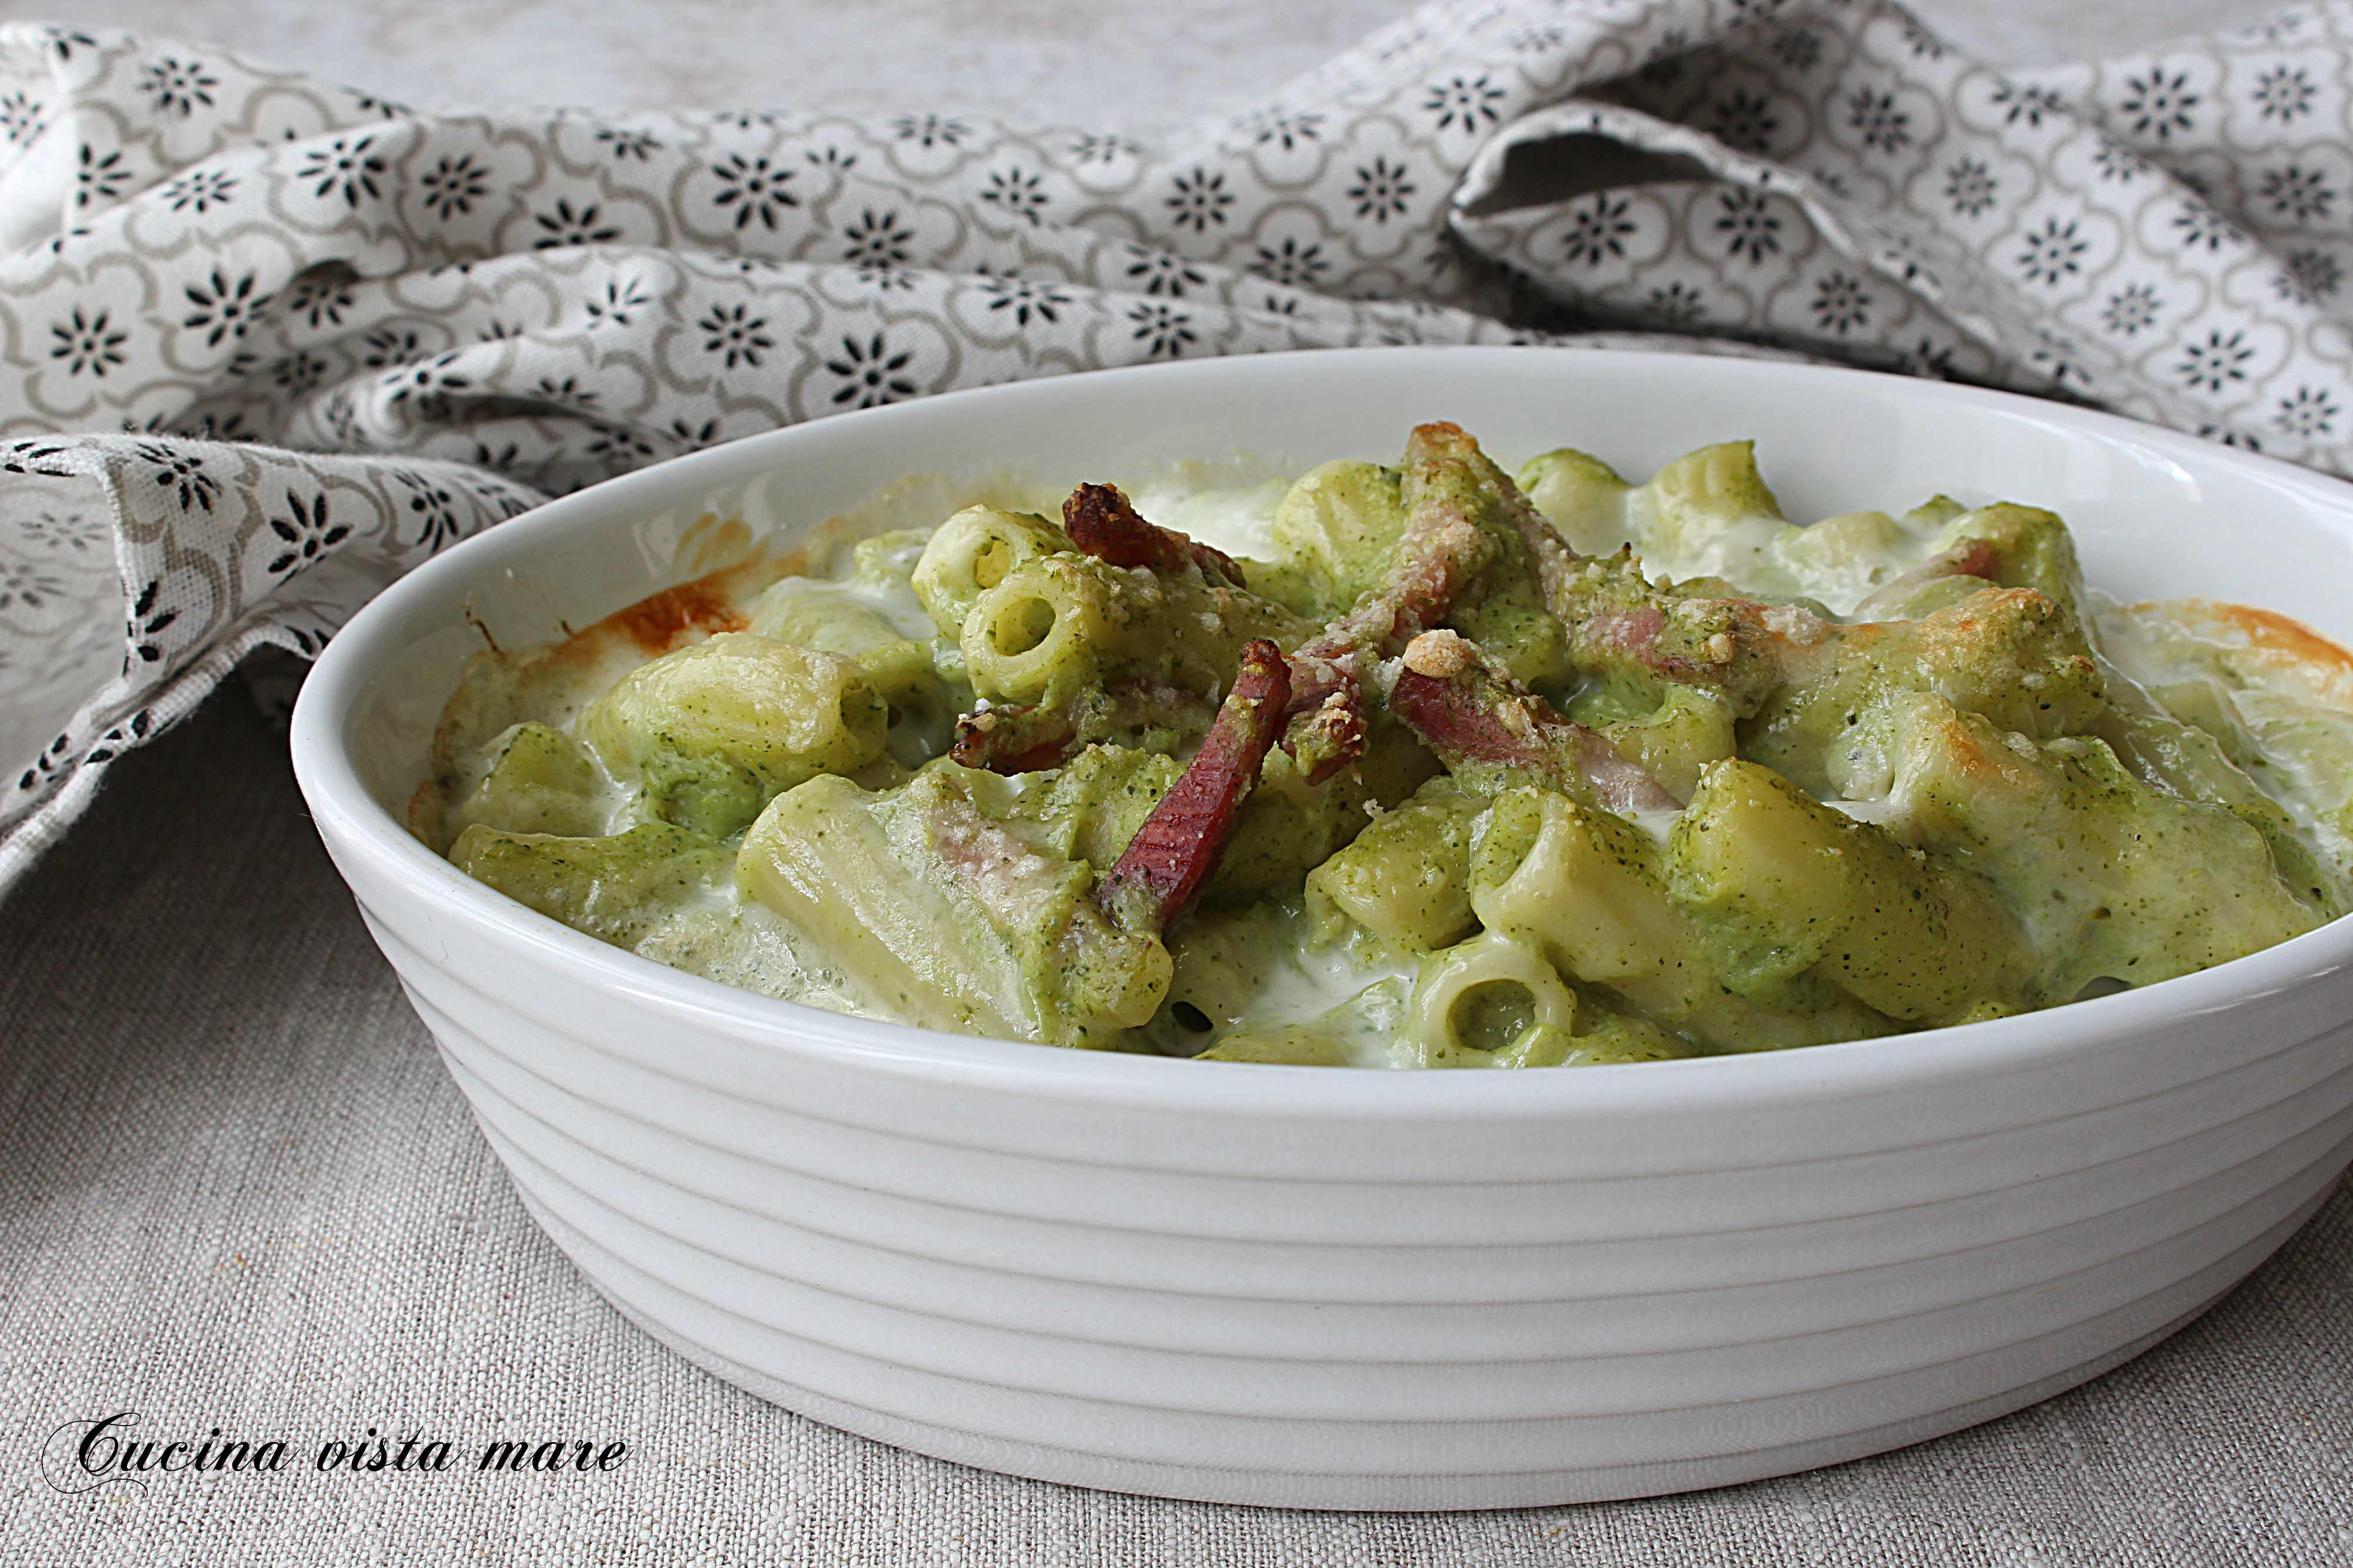 Pasta al forno con crema di broccoli Cucina vista mare